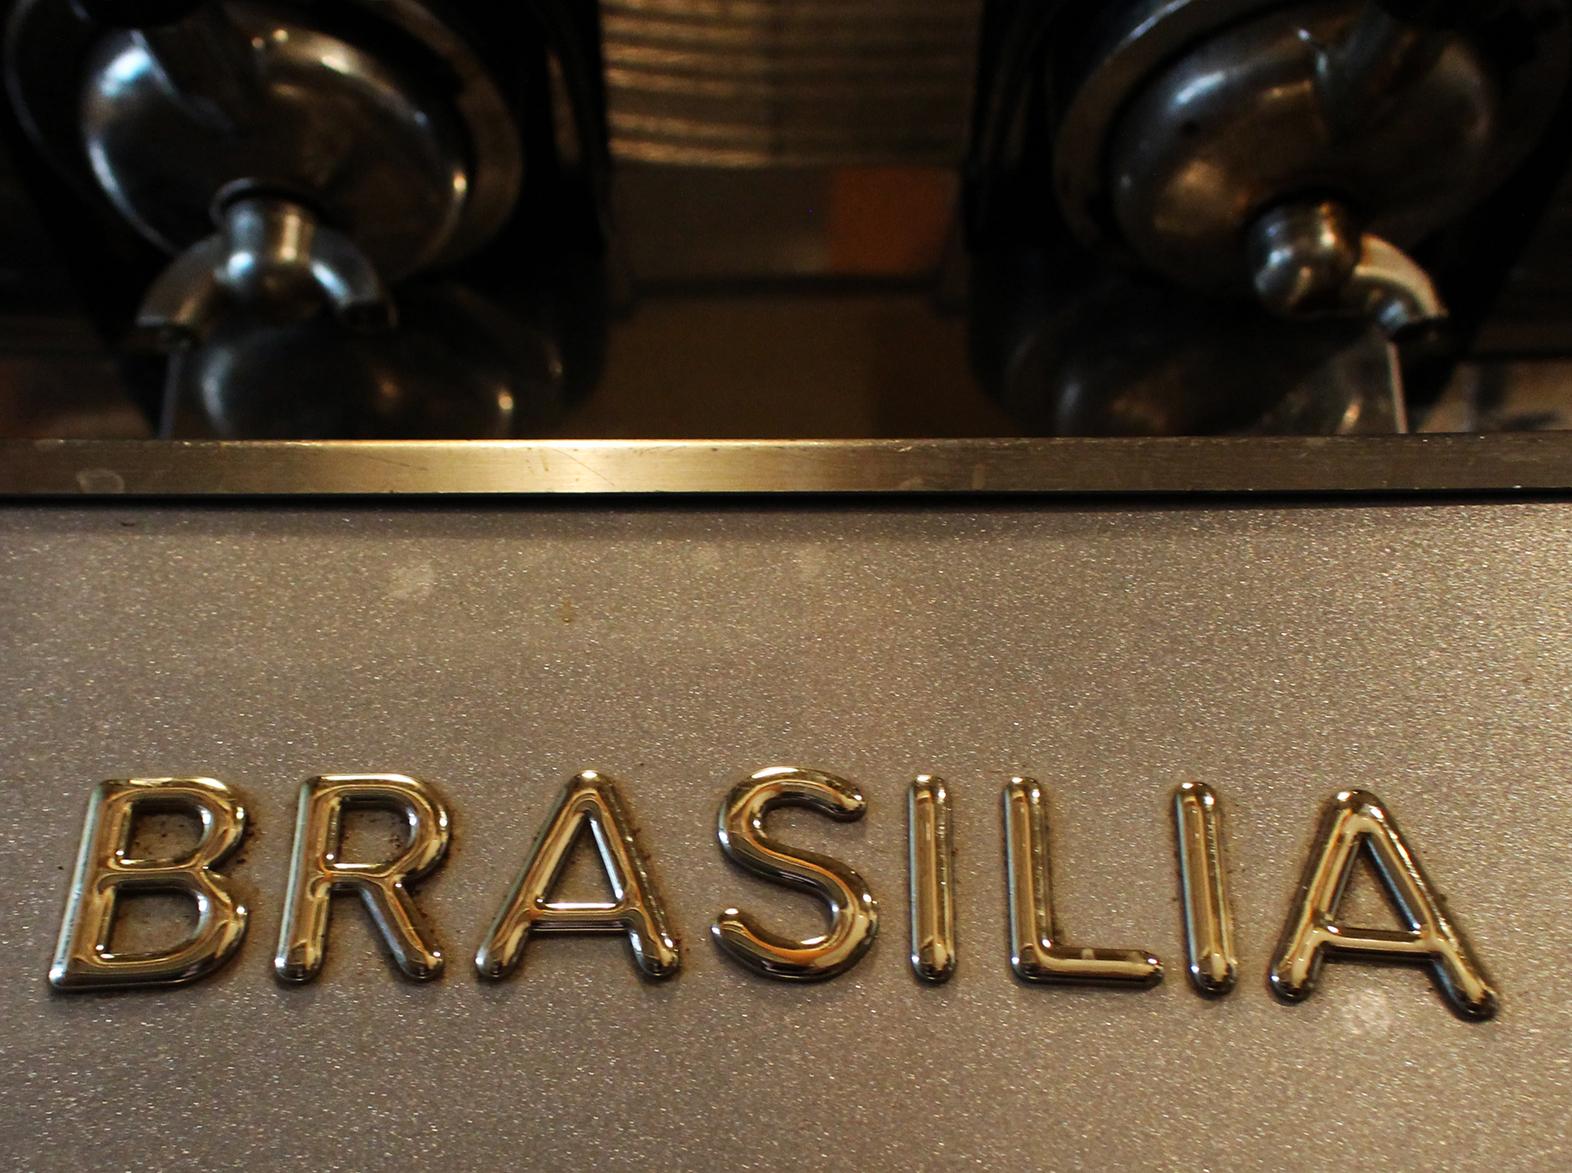 brasilia-logo3-2